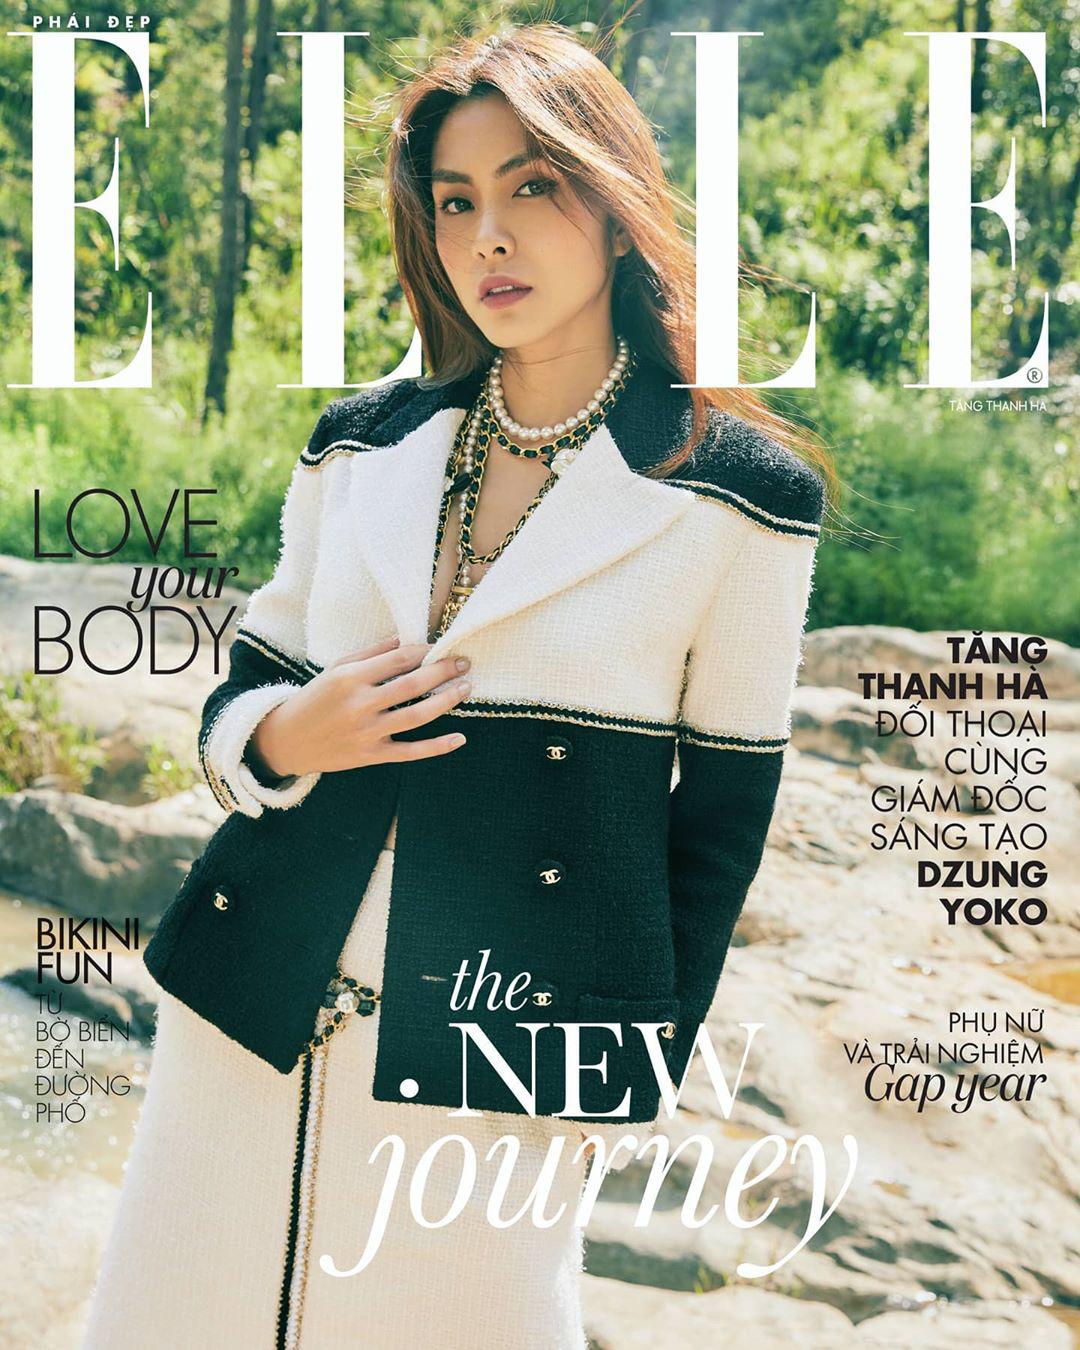 Hà Tăng táo bạo thả rông lên bìa tạp chí, chất chẳng kém người mẫu Chanel khi diện cùng 1 cây đồ - Ảnh 1.